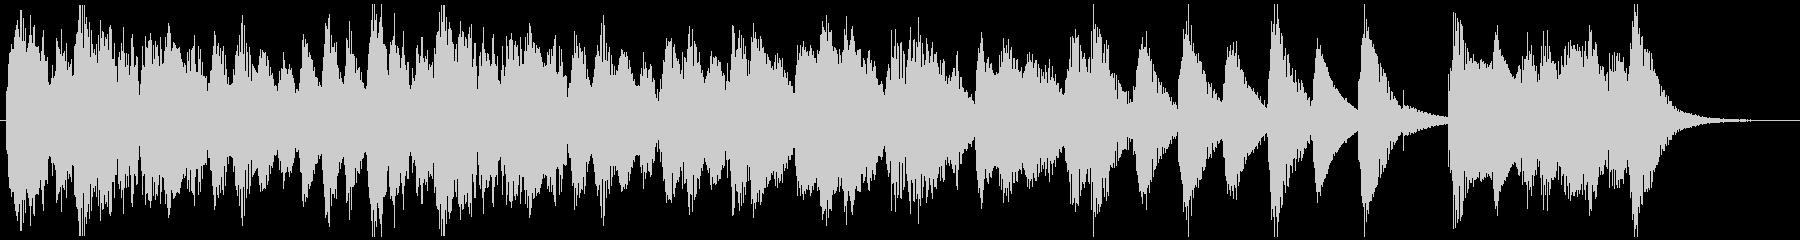 魔法CMハロウィン映像用の怪しく可愛い曲の未再生の波形